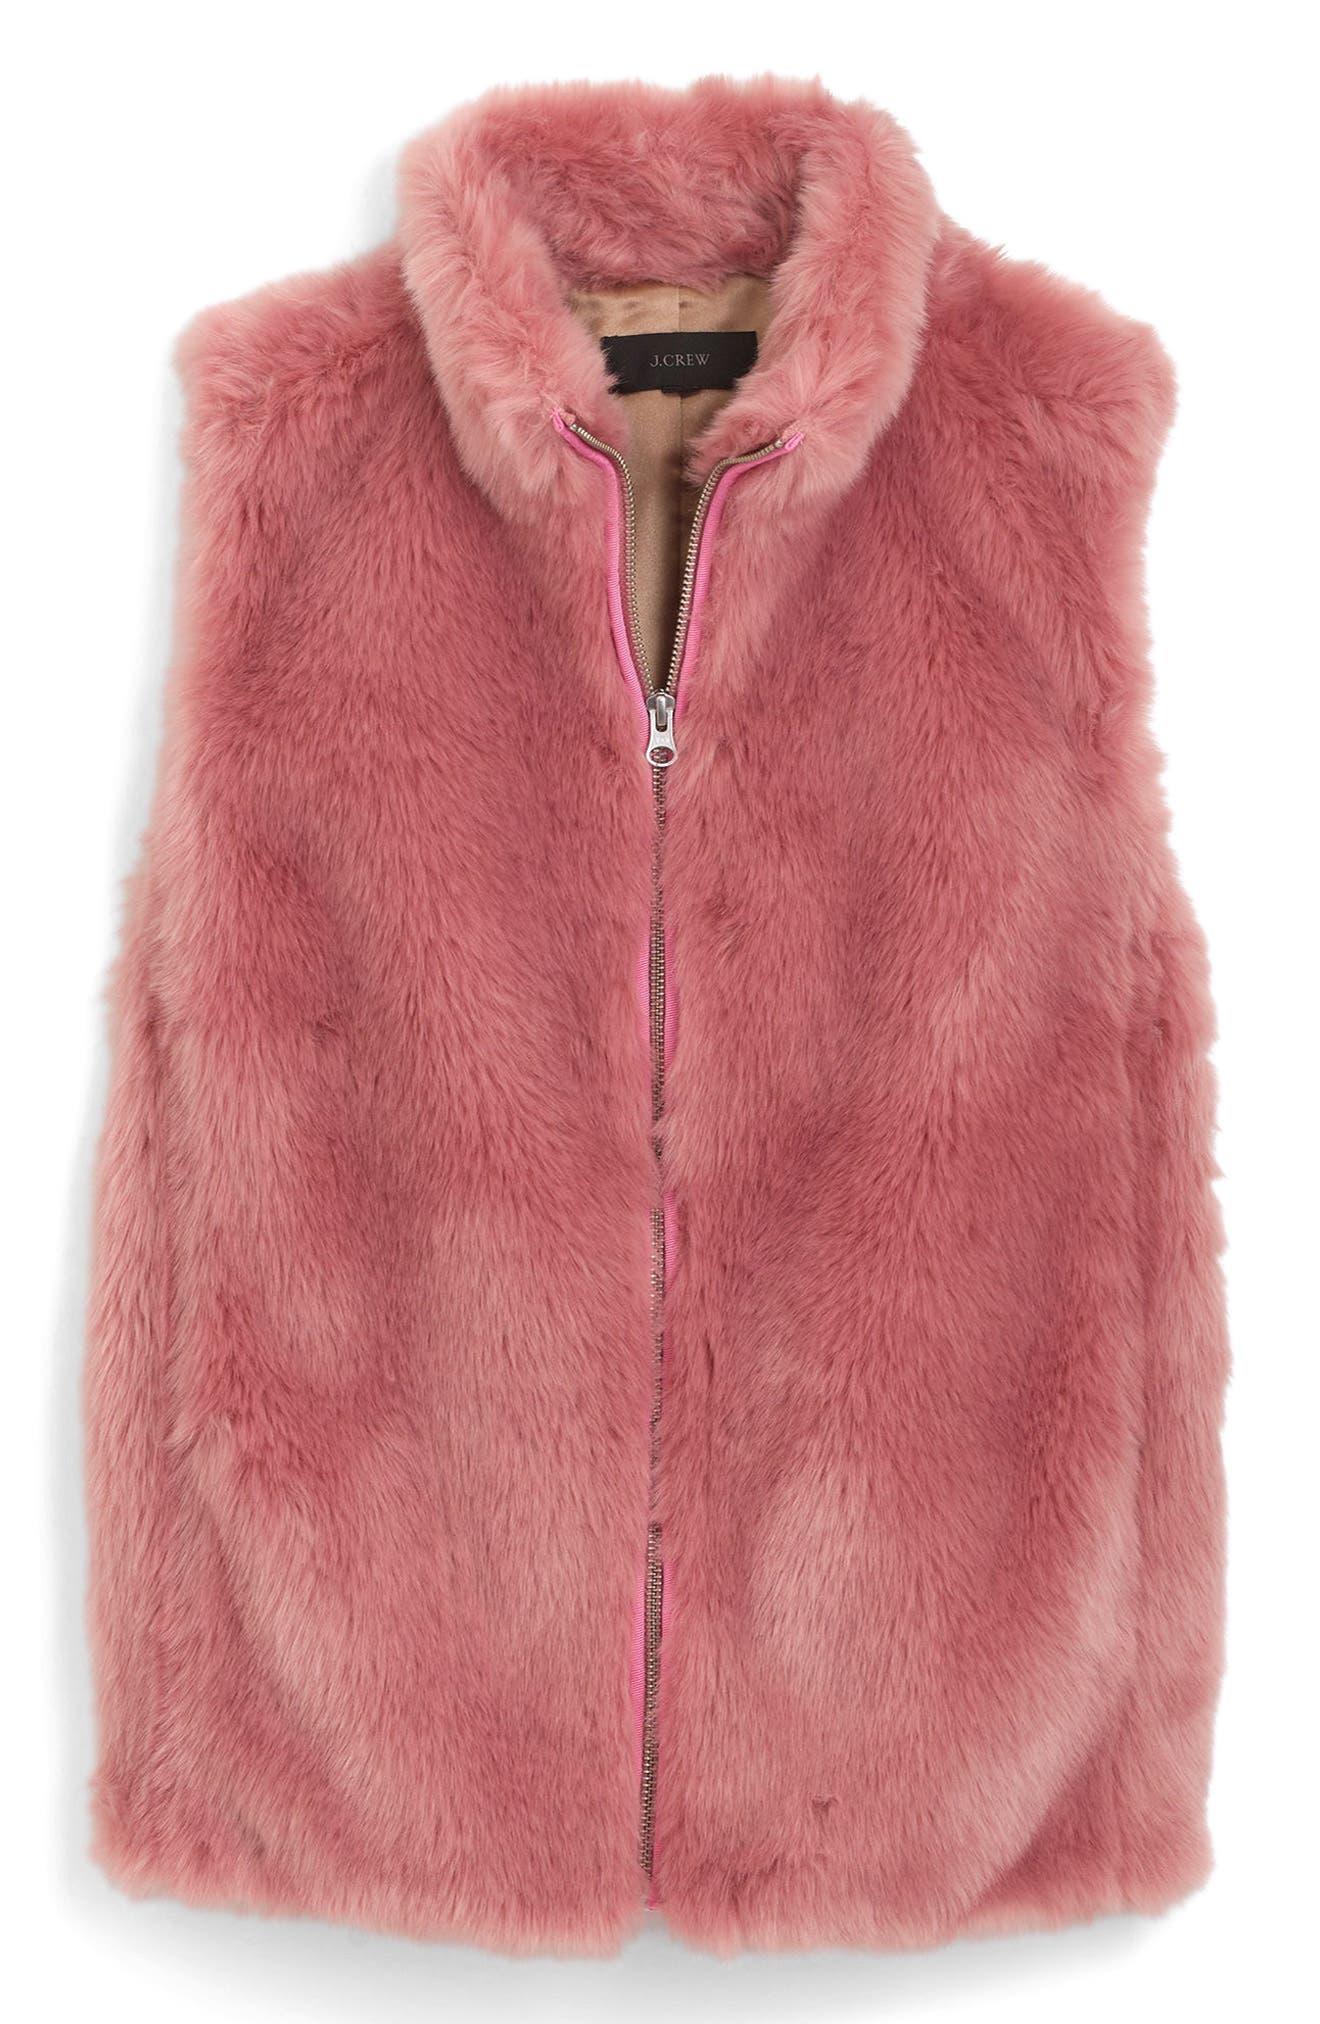 J.Crew Faux Fur Vest,                             Main thumbnail 1, color,                             Glass Petal